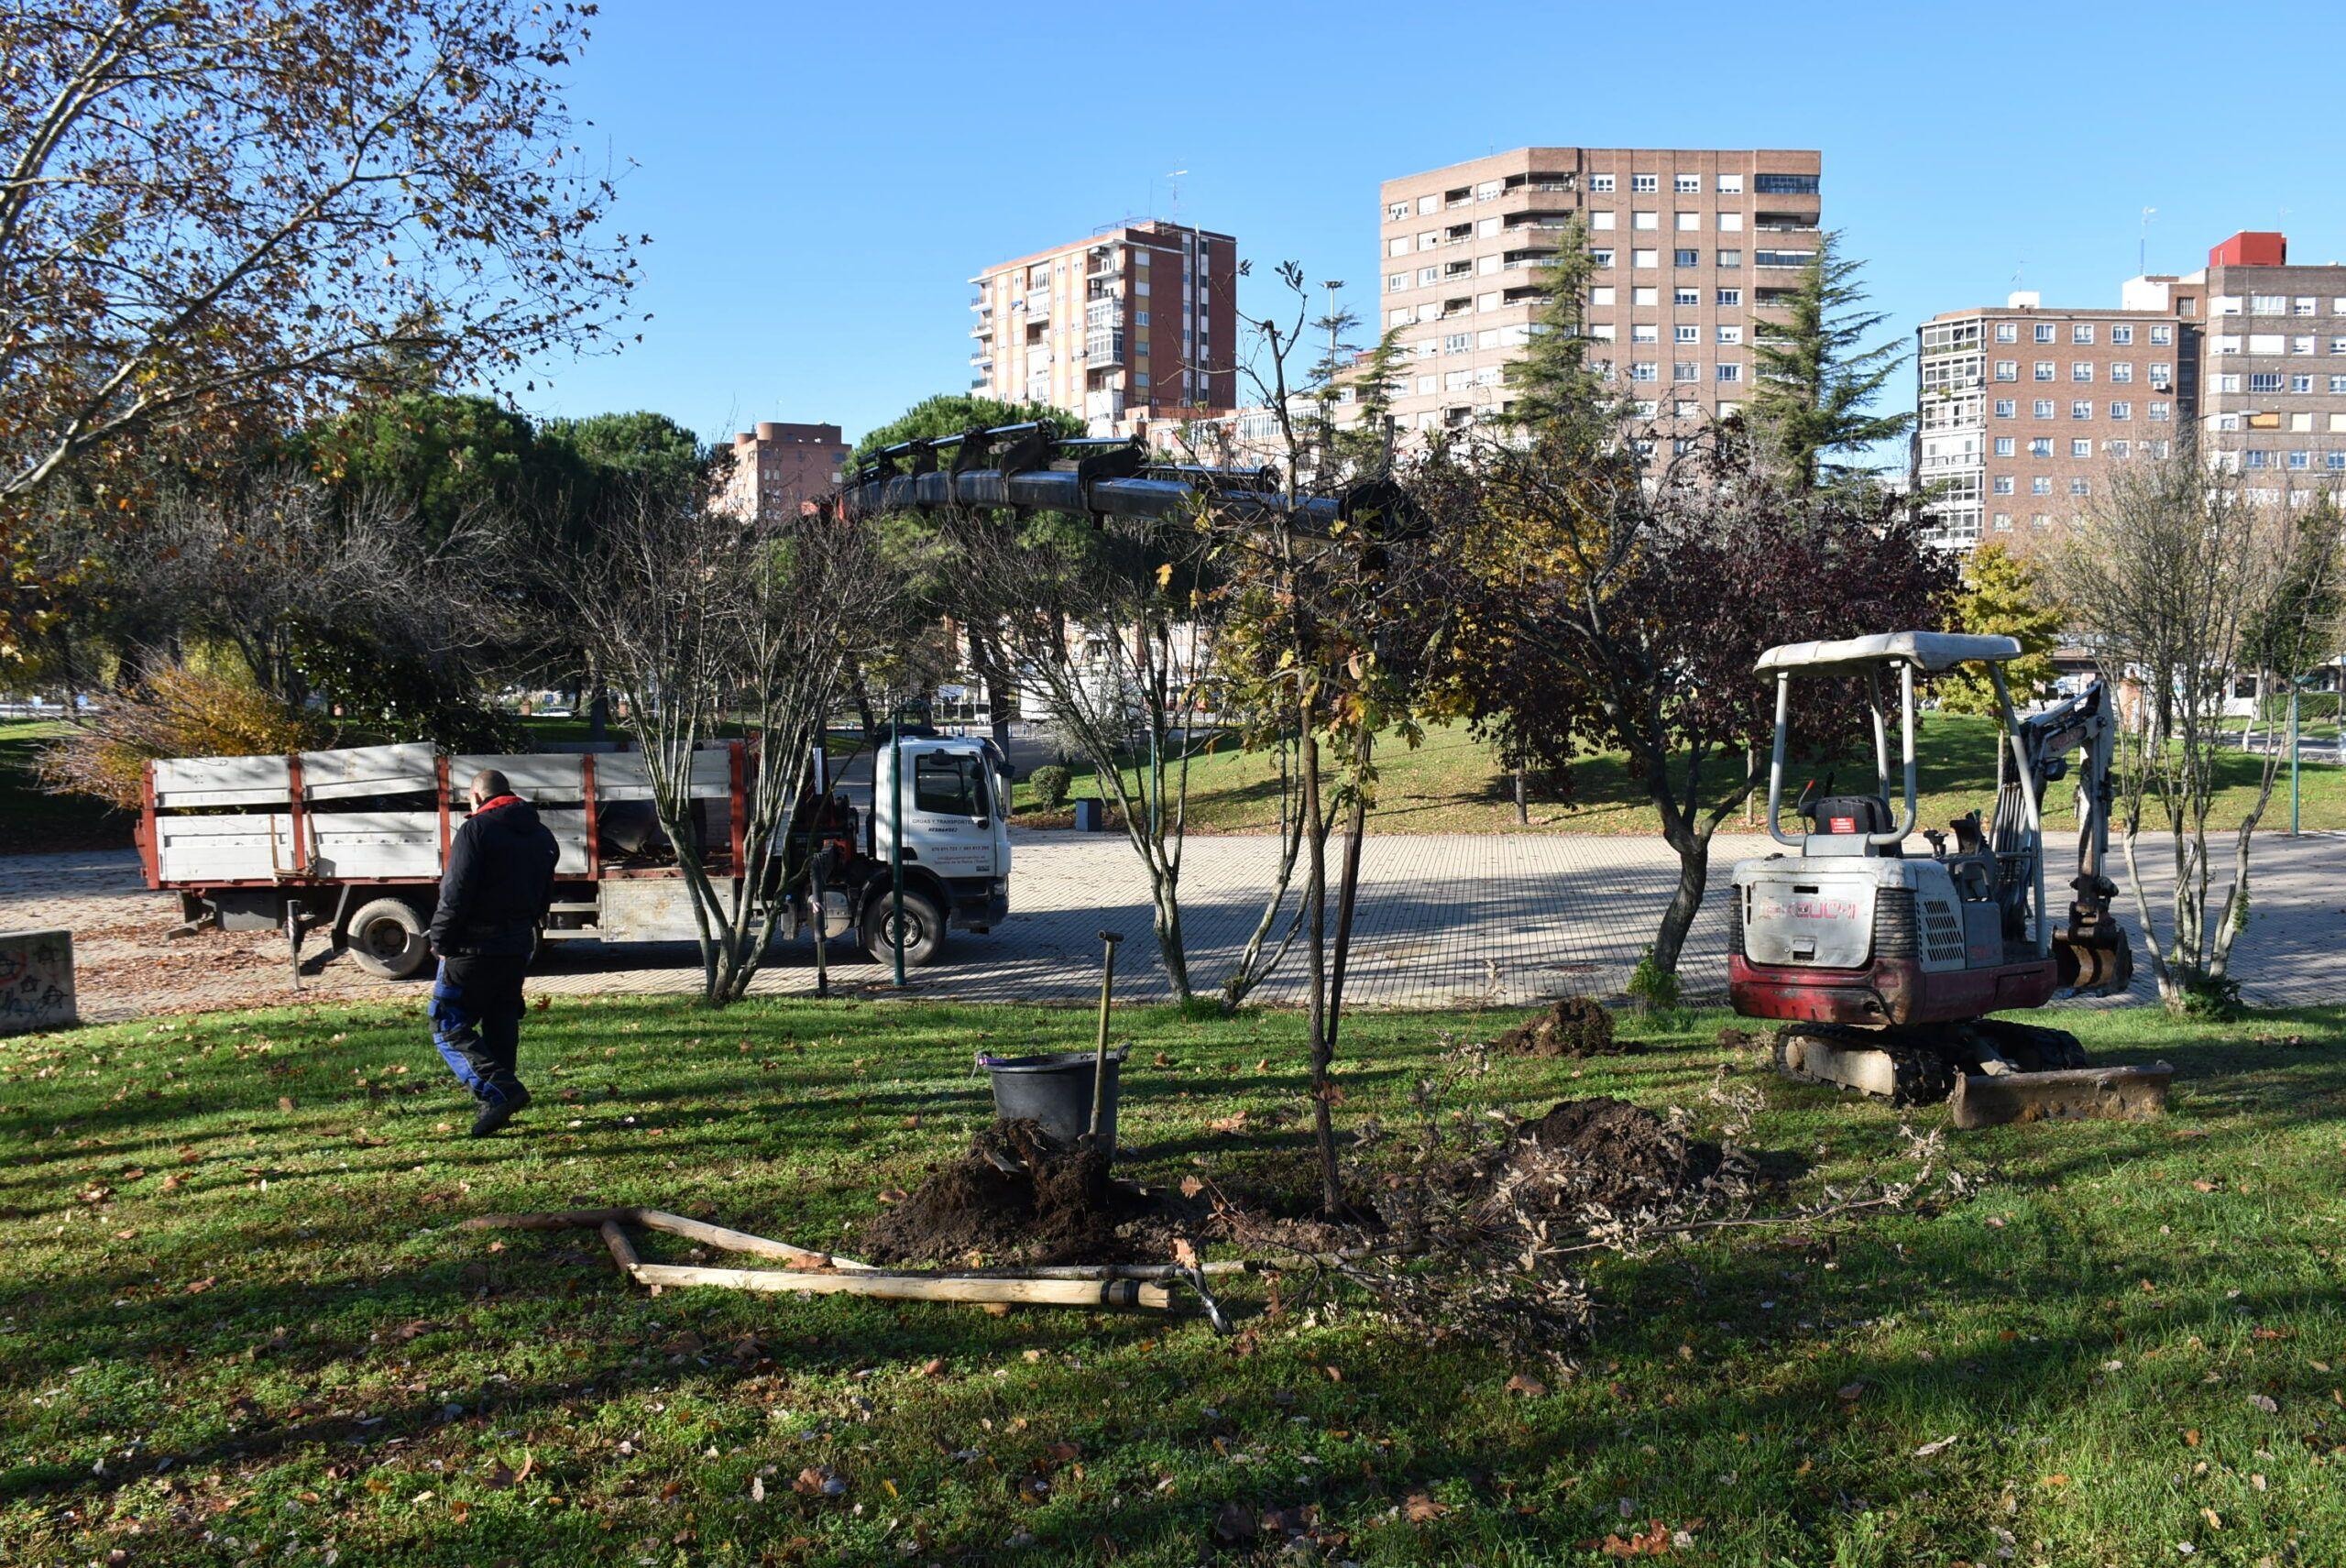 Cerca de 11.000 árboles 'censados' de 82 especies diferentes, datos fruto del estudio de arbolado de Talavera